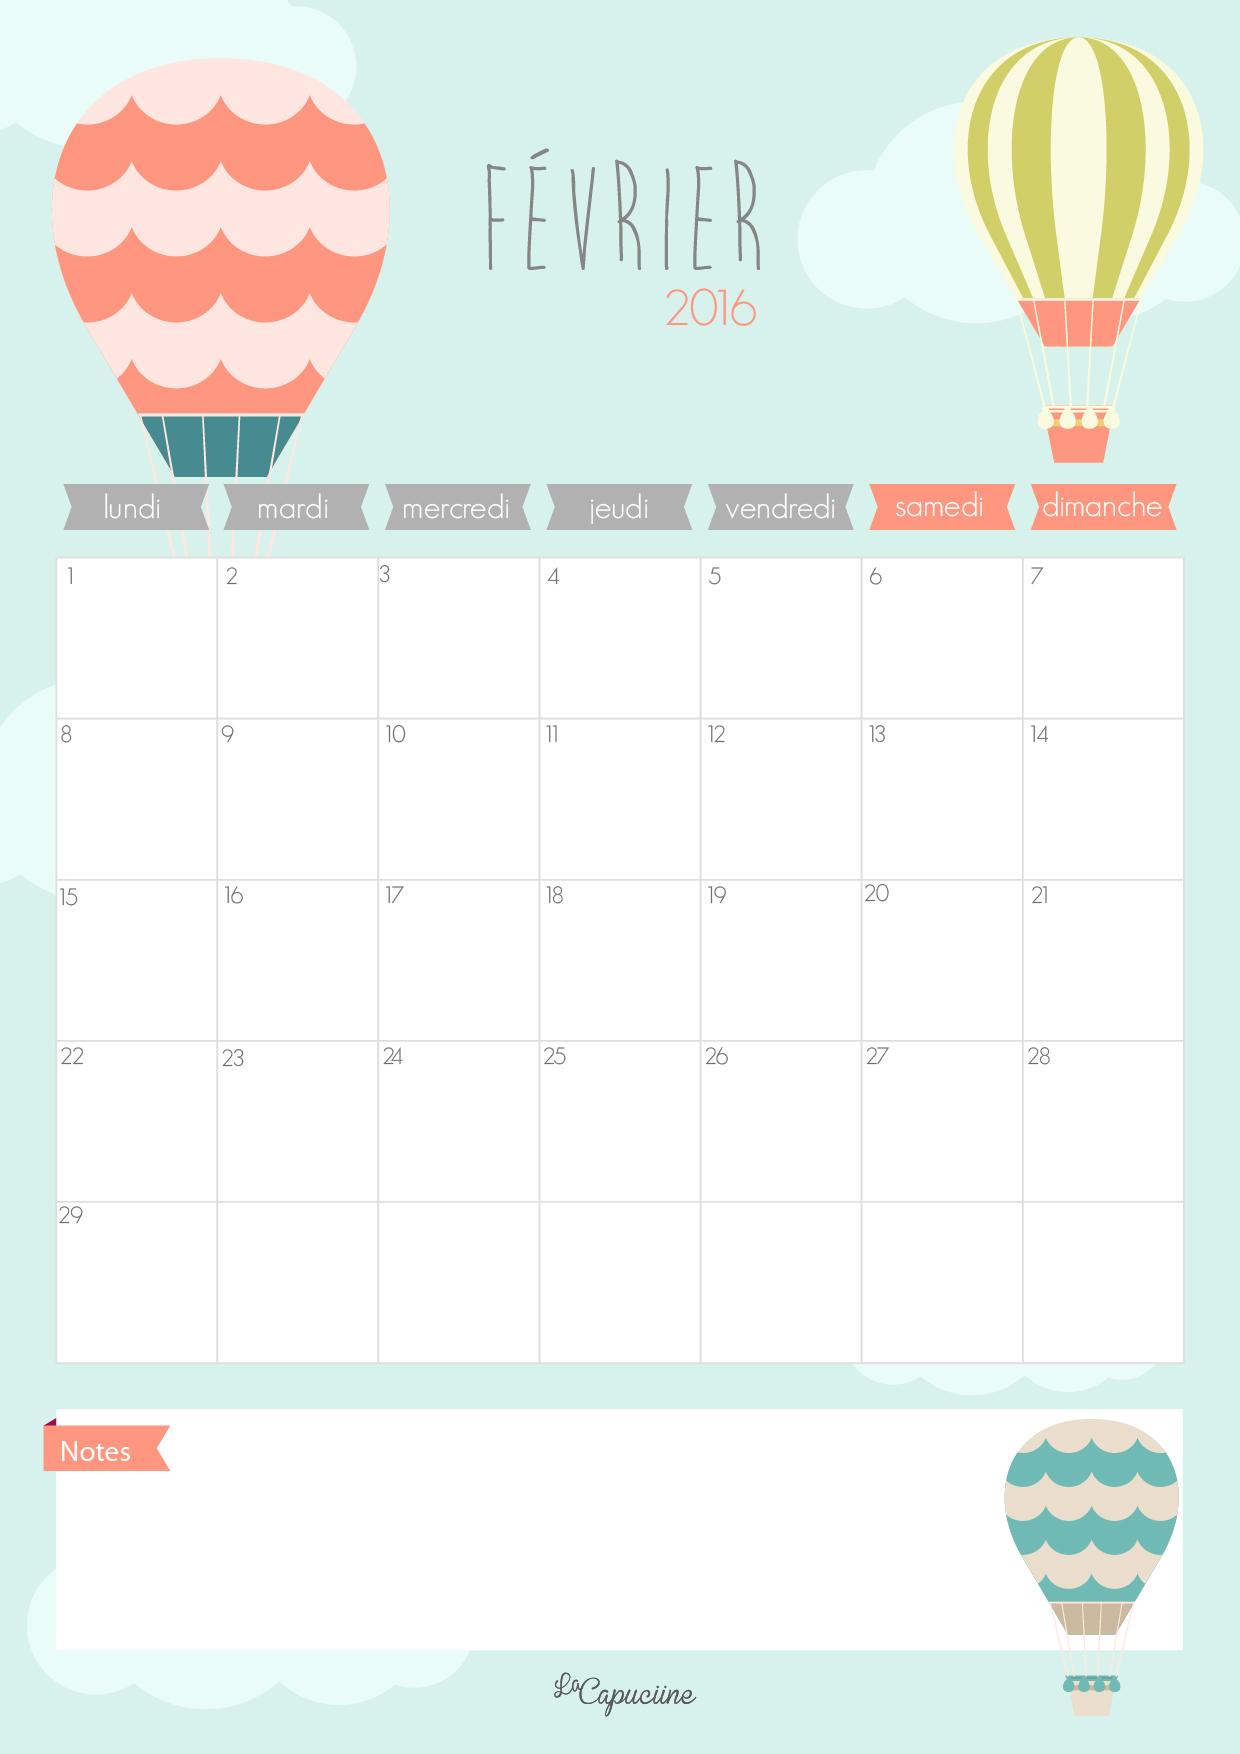 calendrier-fev2016-la-capuciine